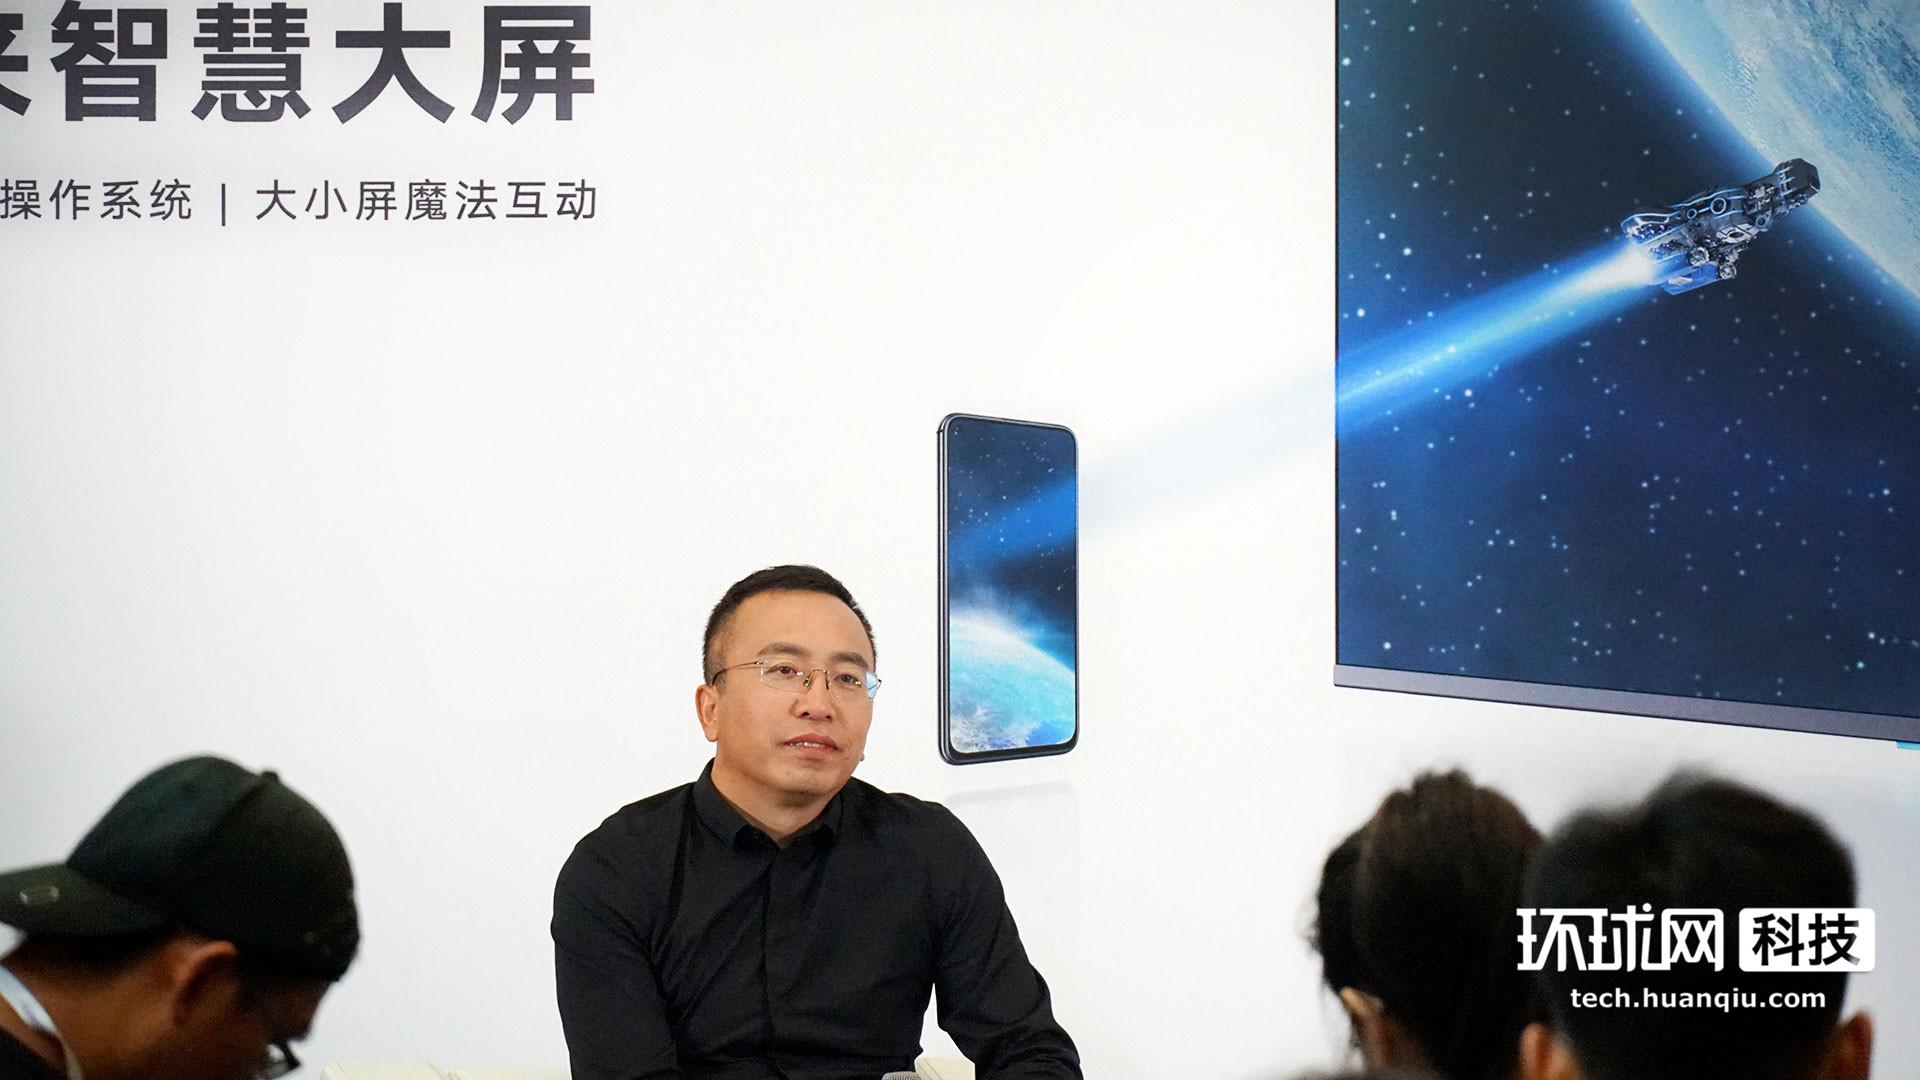 专访荣耀总裁赵明:鸿蒙初开智慧屏,代言未来行不行?